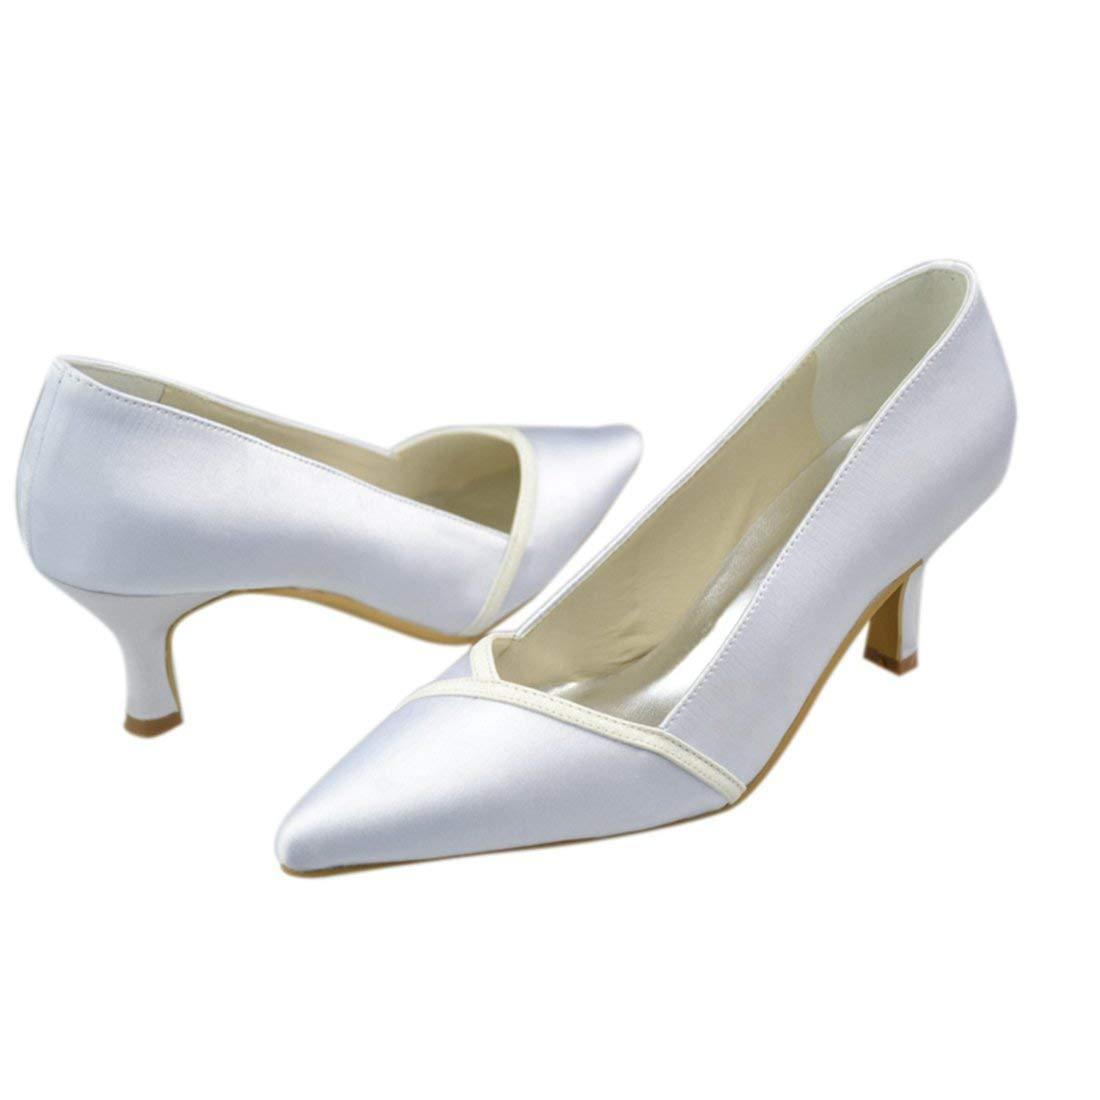 Qiusa Y1029 Damen Kätzchen Absatz Satin Abend Abend Abend Party Braut Hochzeit Pumps (Farbe   Weiß-6.5cm Heel Größe   8 UK) a5bd4c